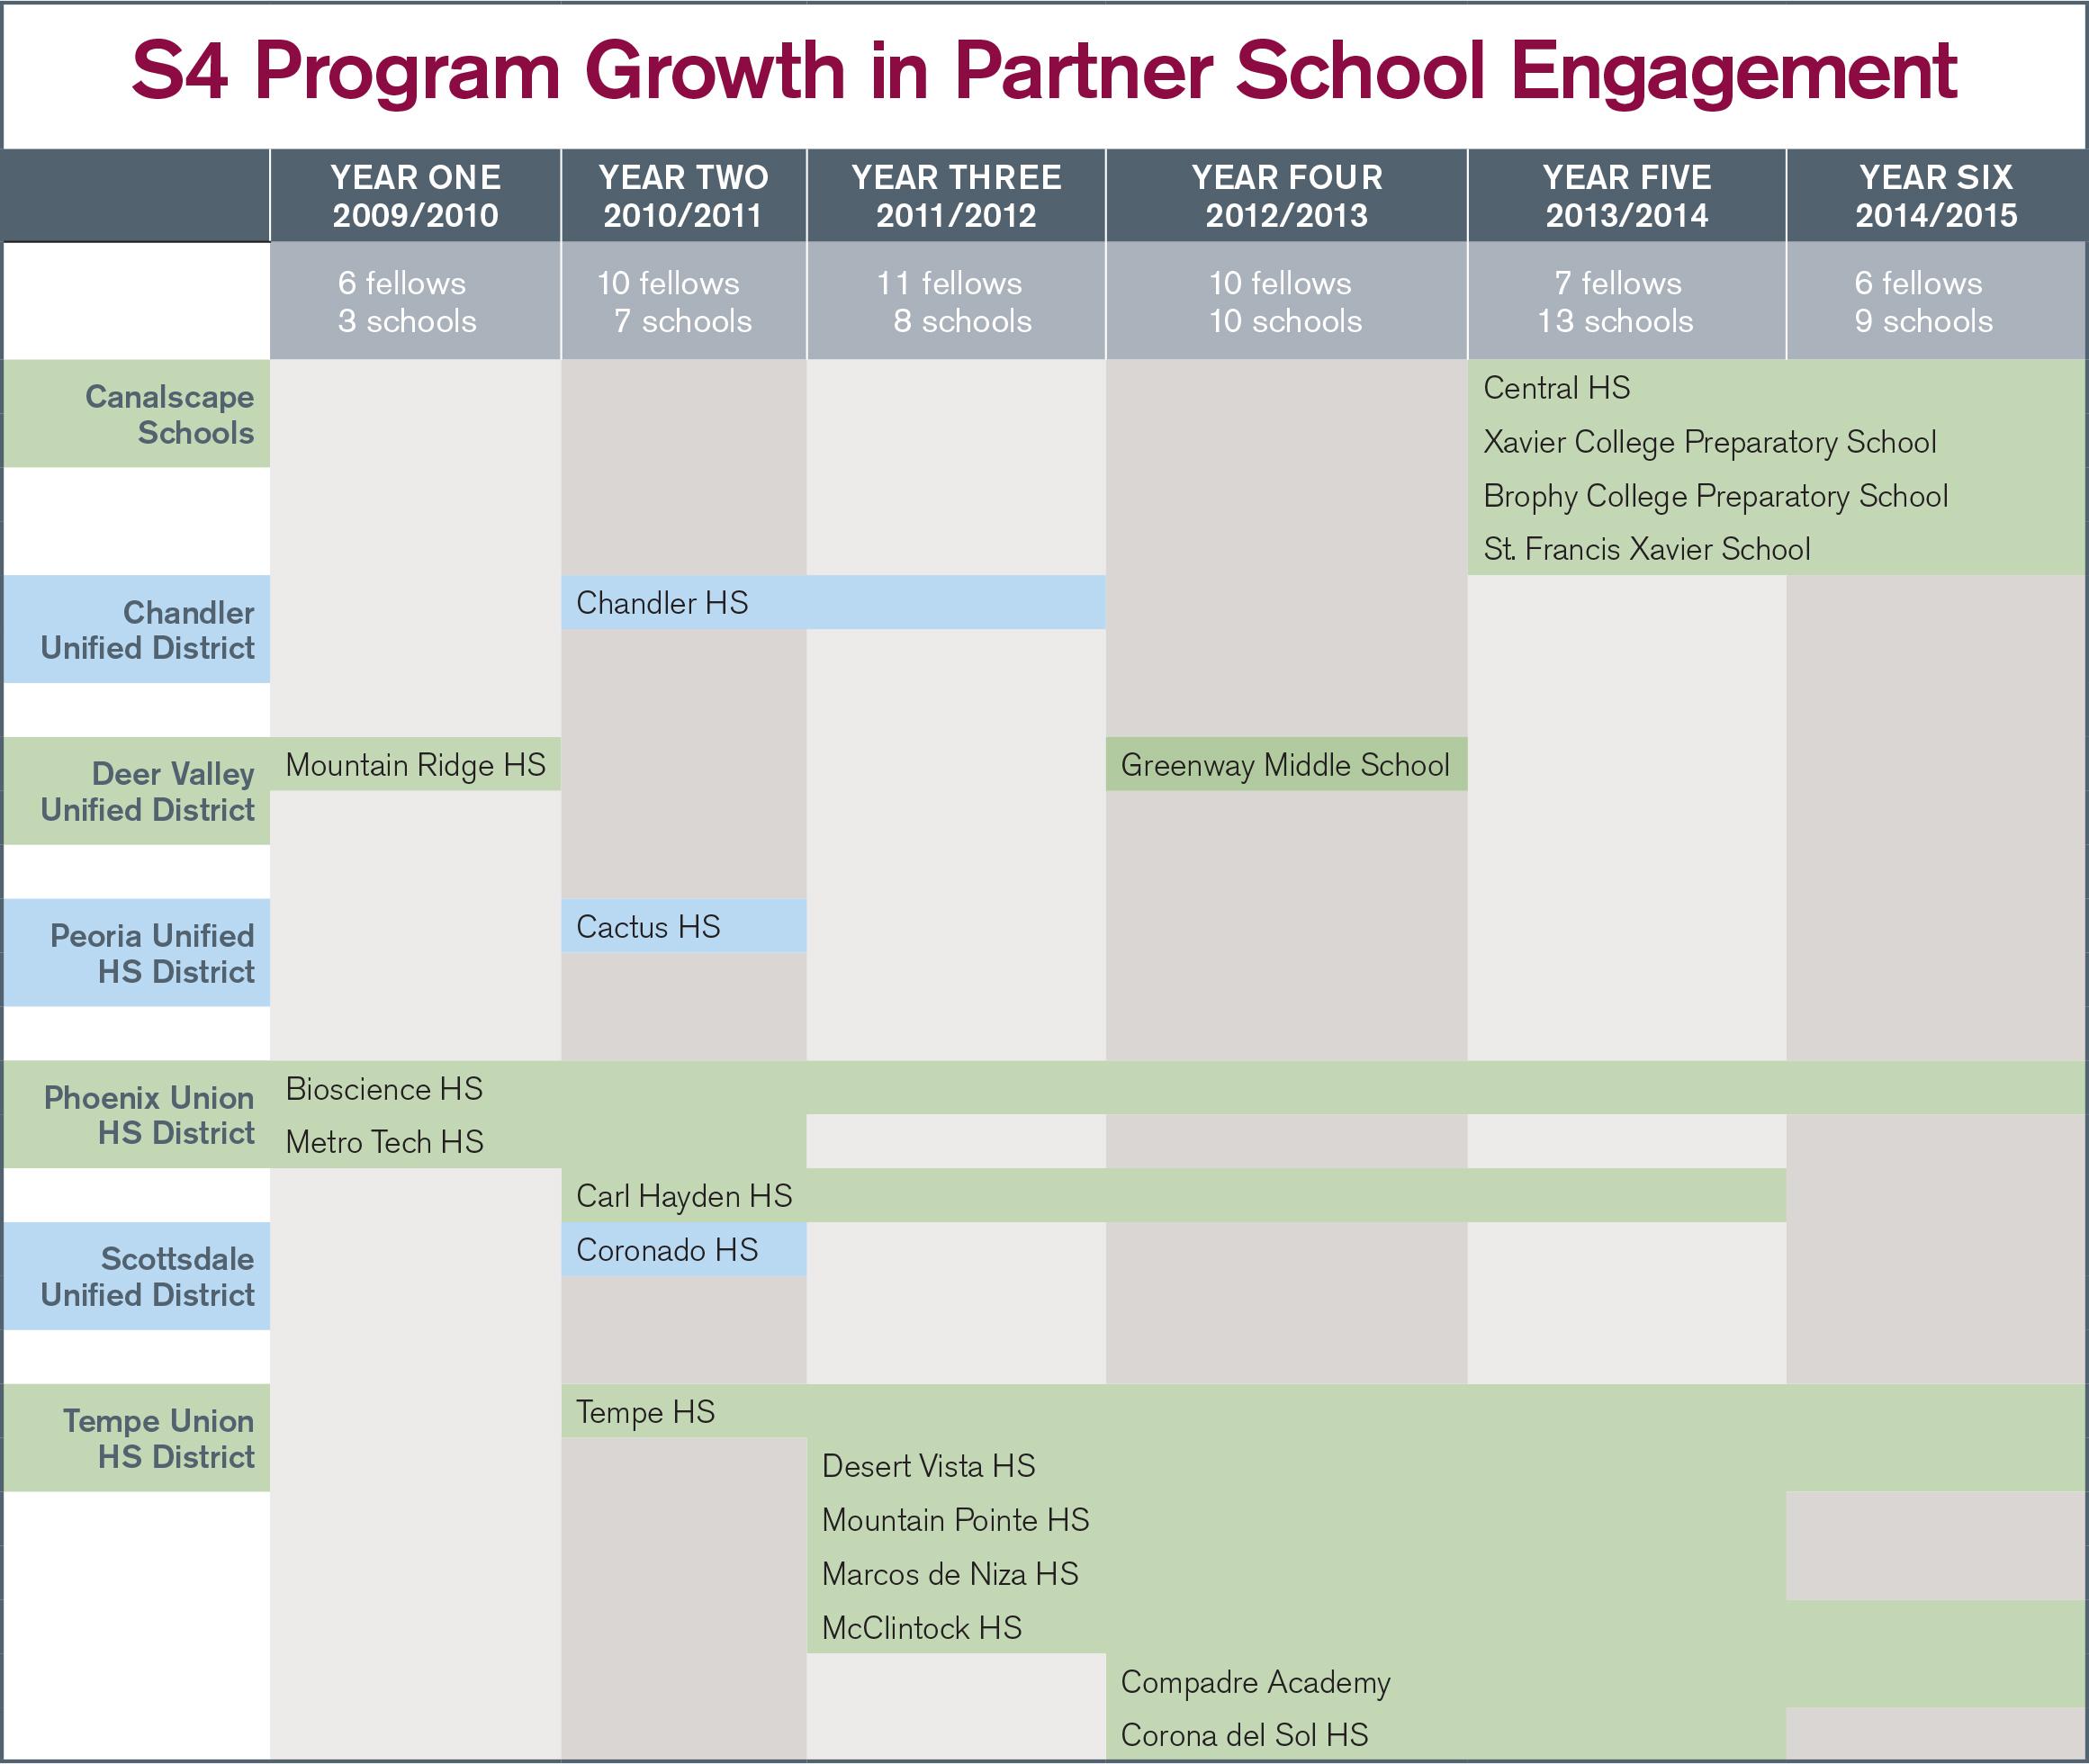 Total of 19 Partner Schools, Years 1-6